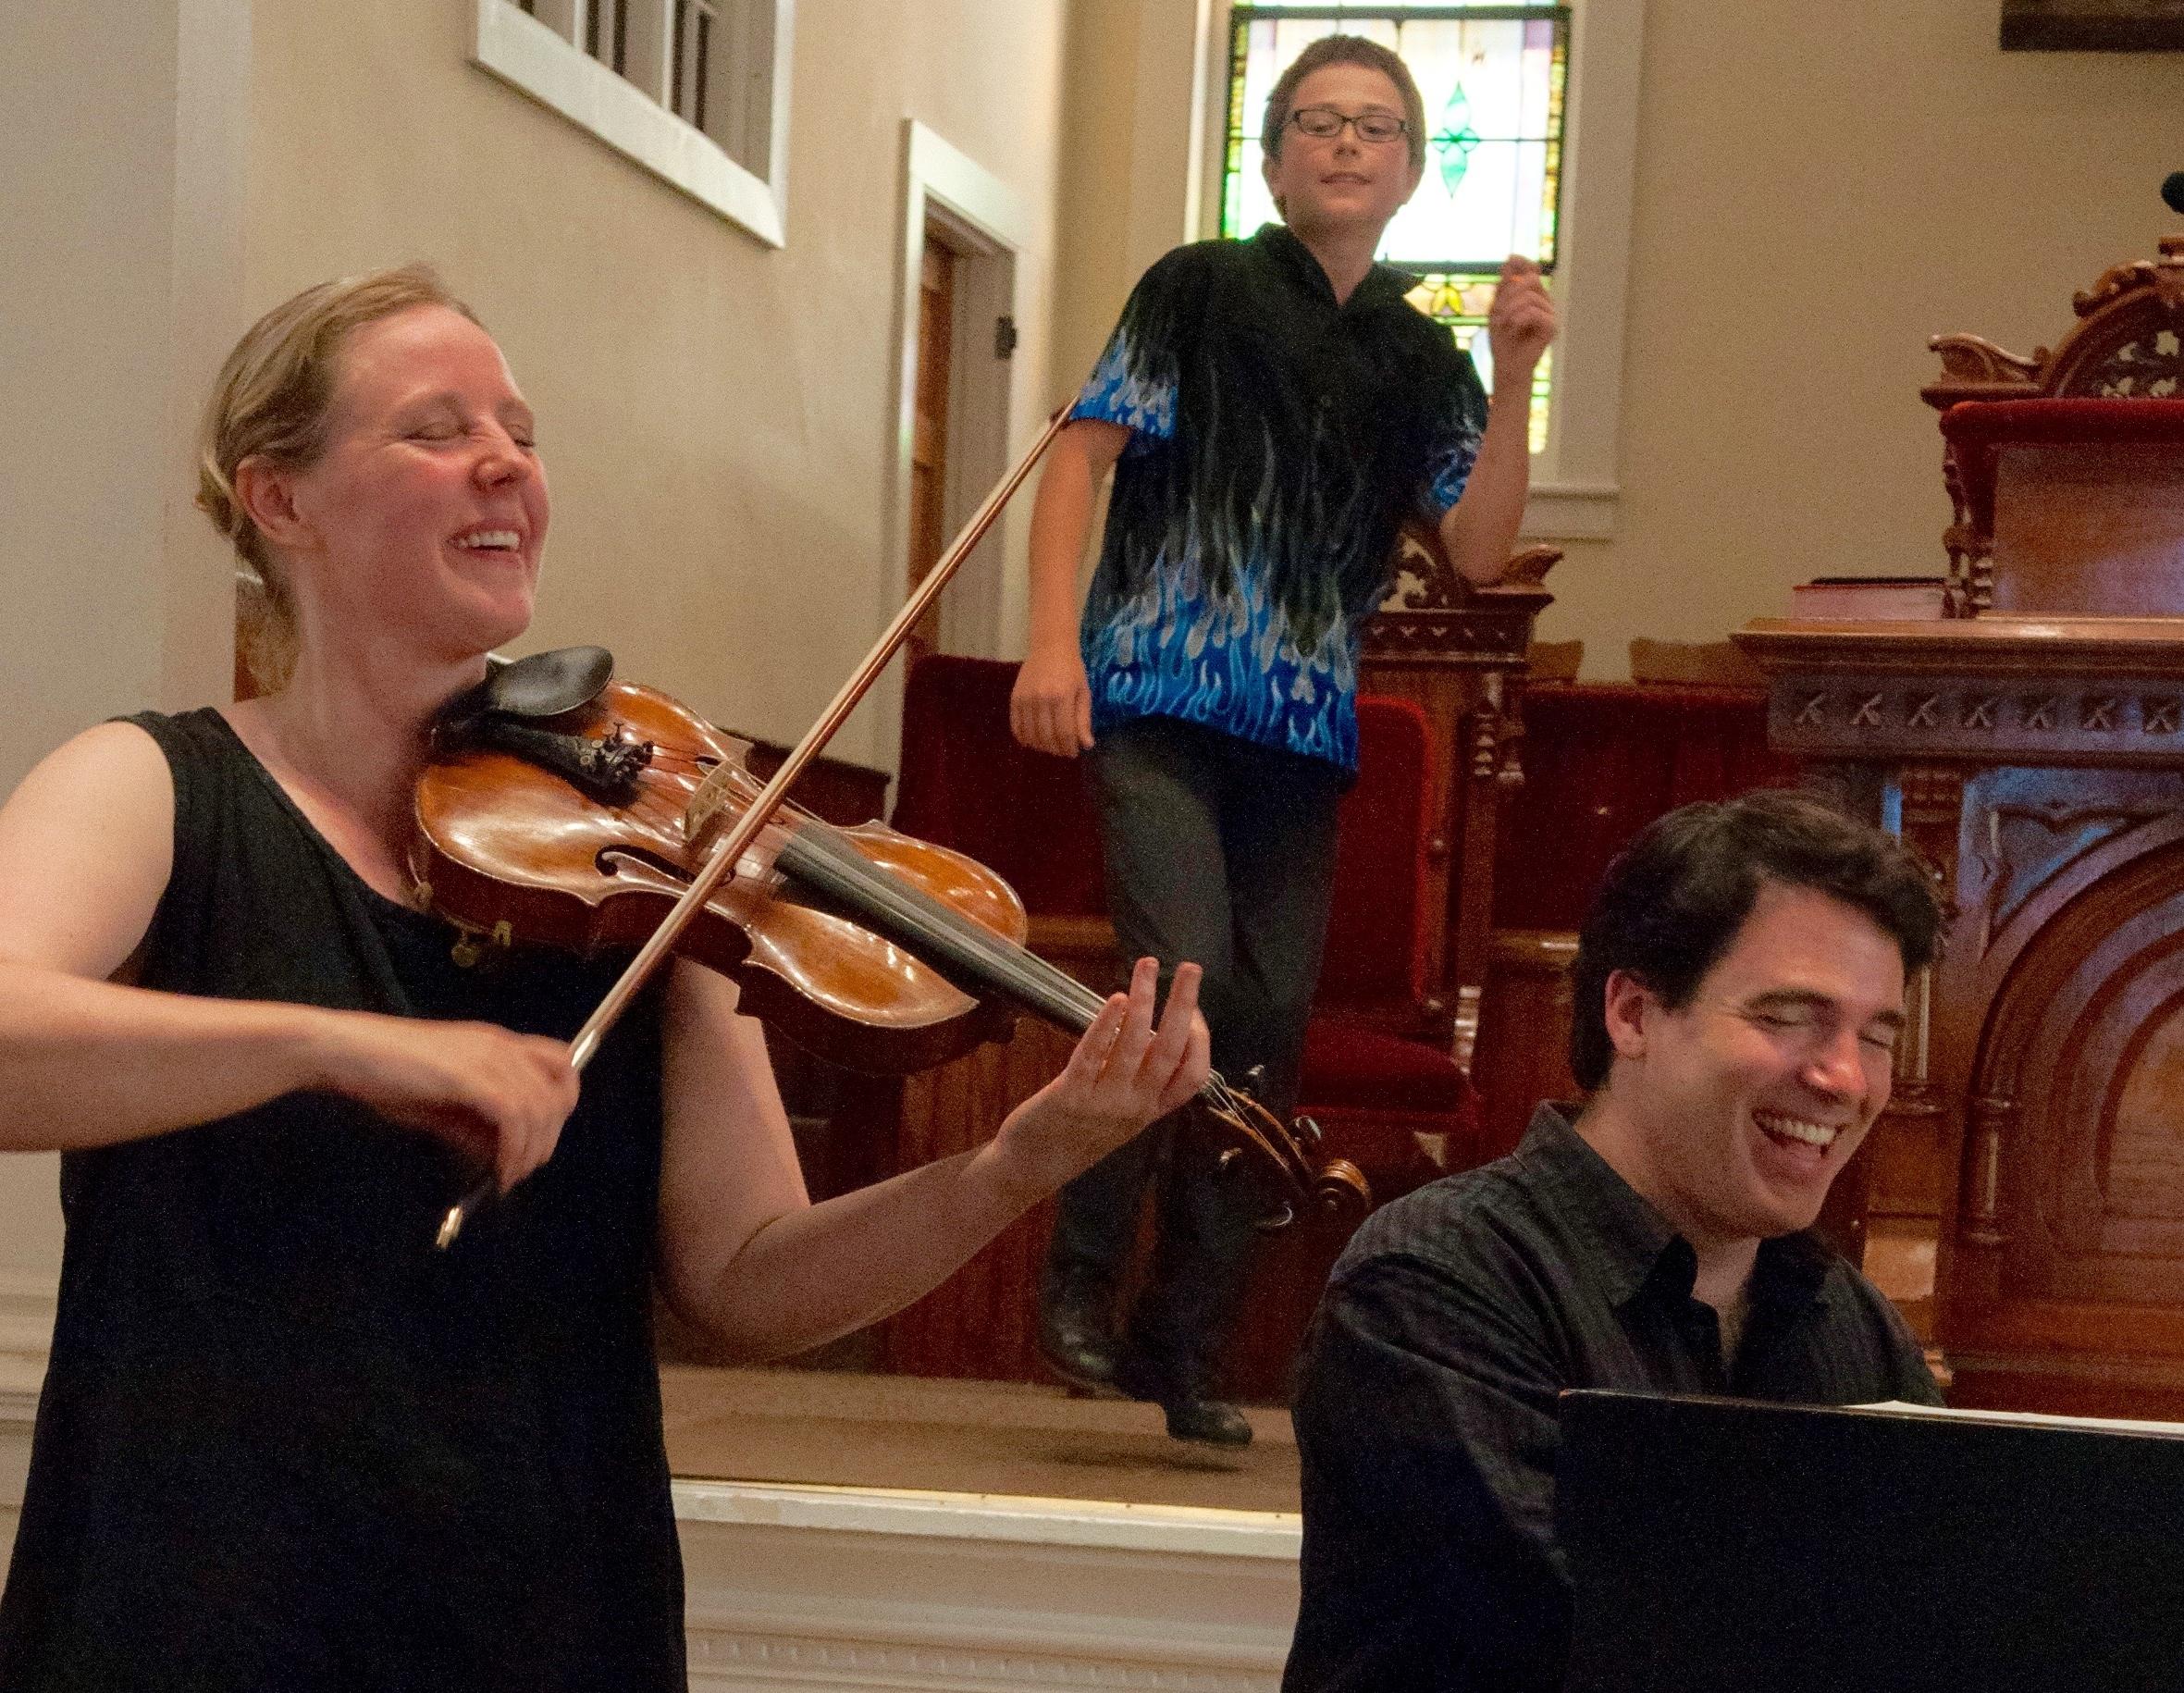 Fiddlers Gretchen Koehler, Ottawa Valley Step dancer Sylvain Koehler Foisy, pianist, Daniel Kelly. (Photo: Alicia Bodmer)